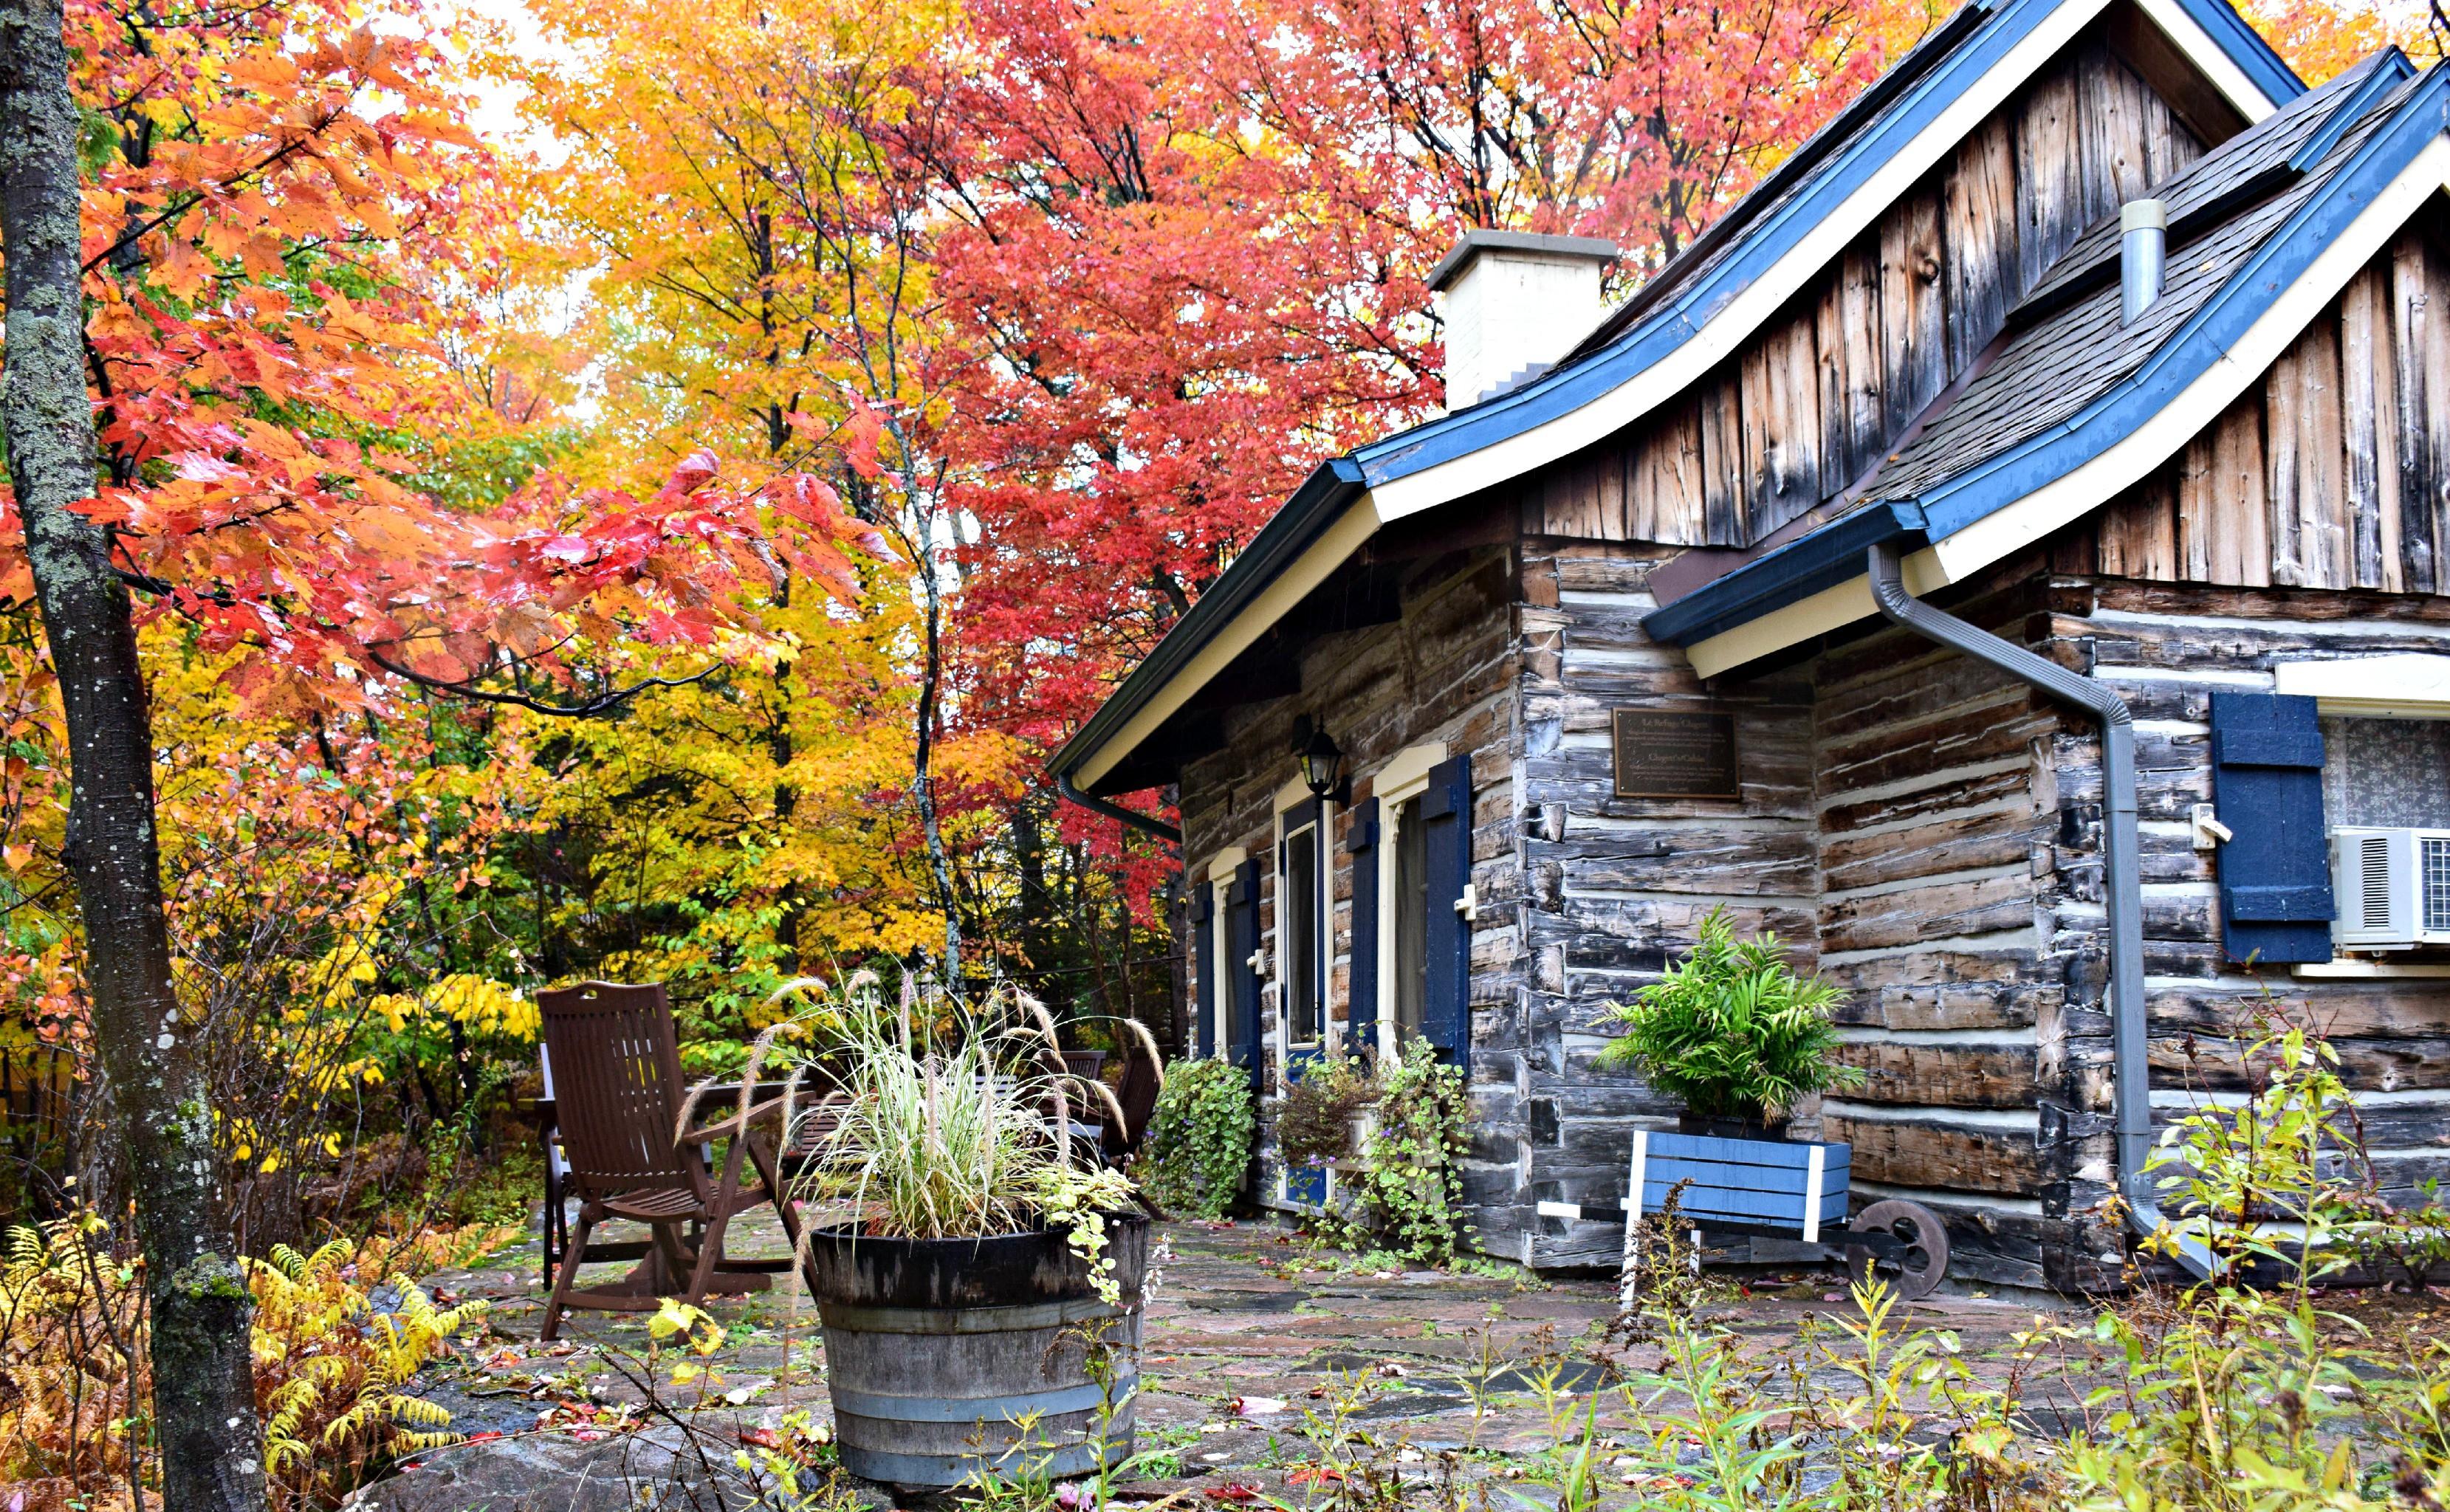 Claggett's Cabin - Hotel Quintessence